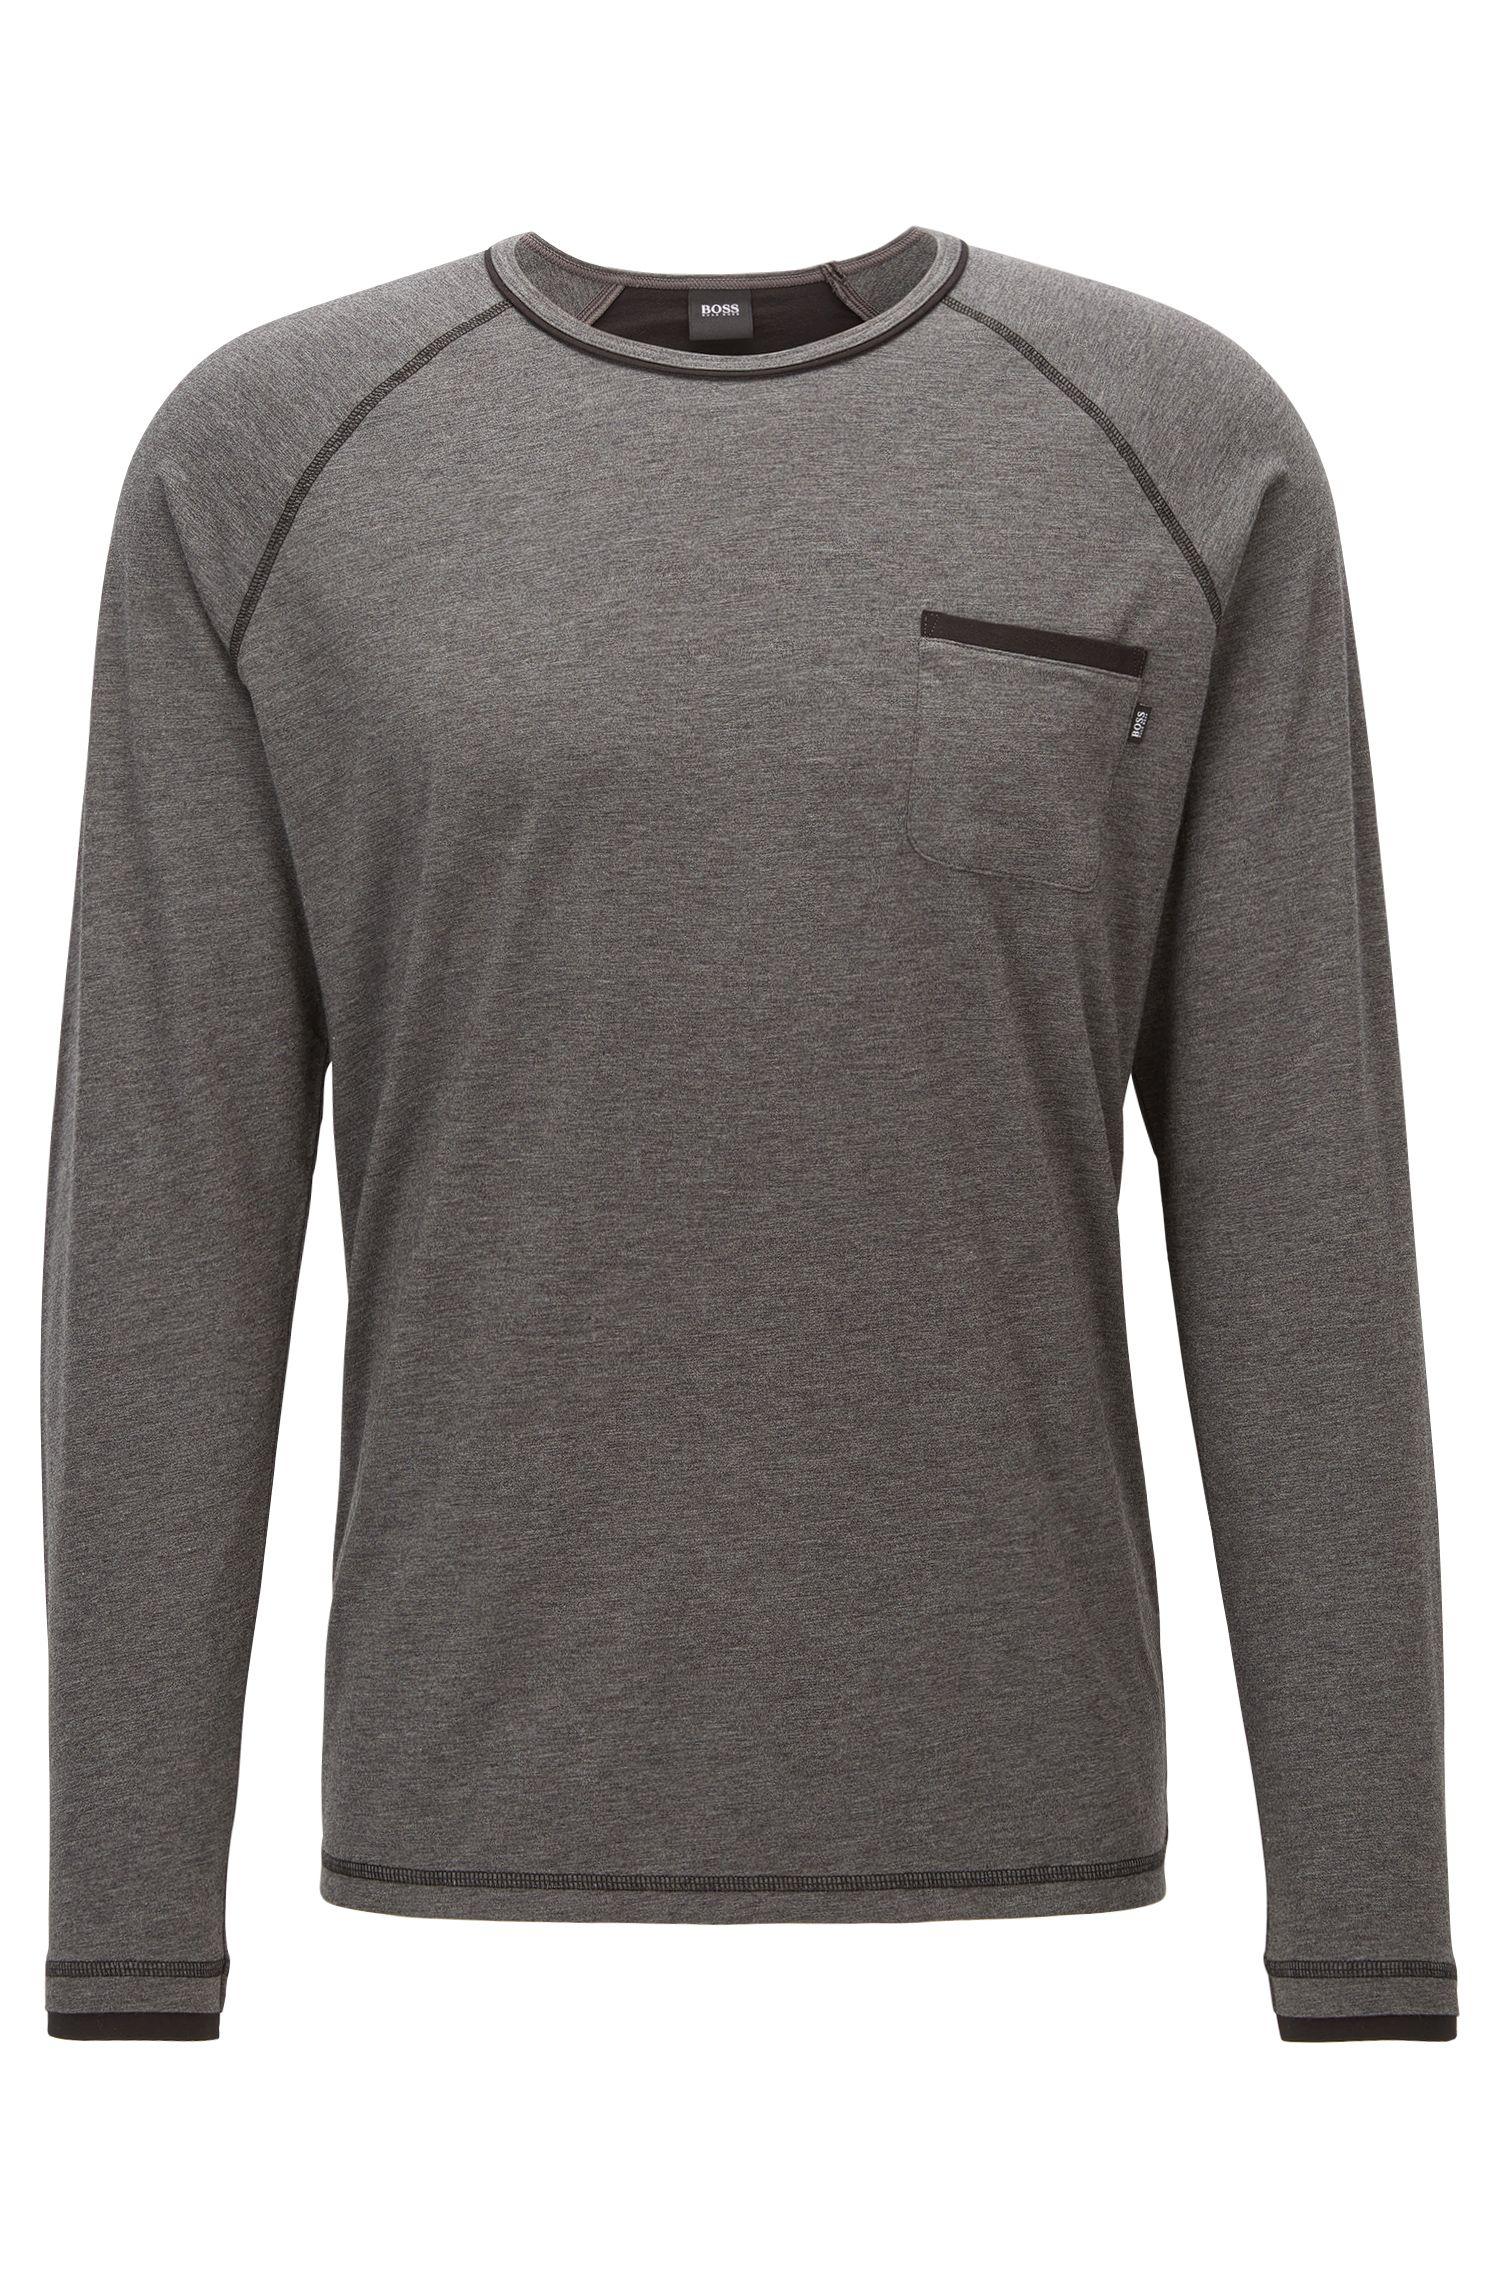 Camiseta de pijama en tejido de punto en mezcla de algodón